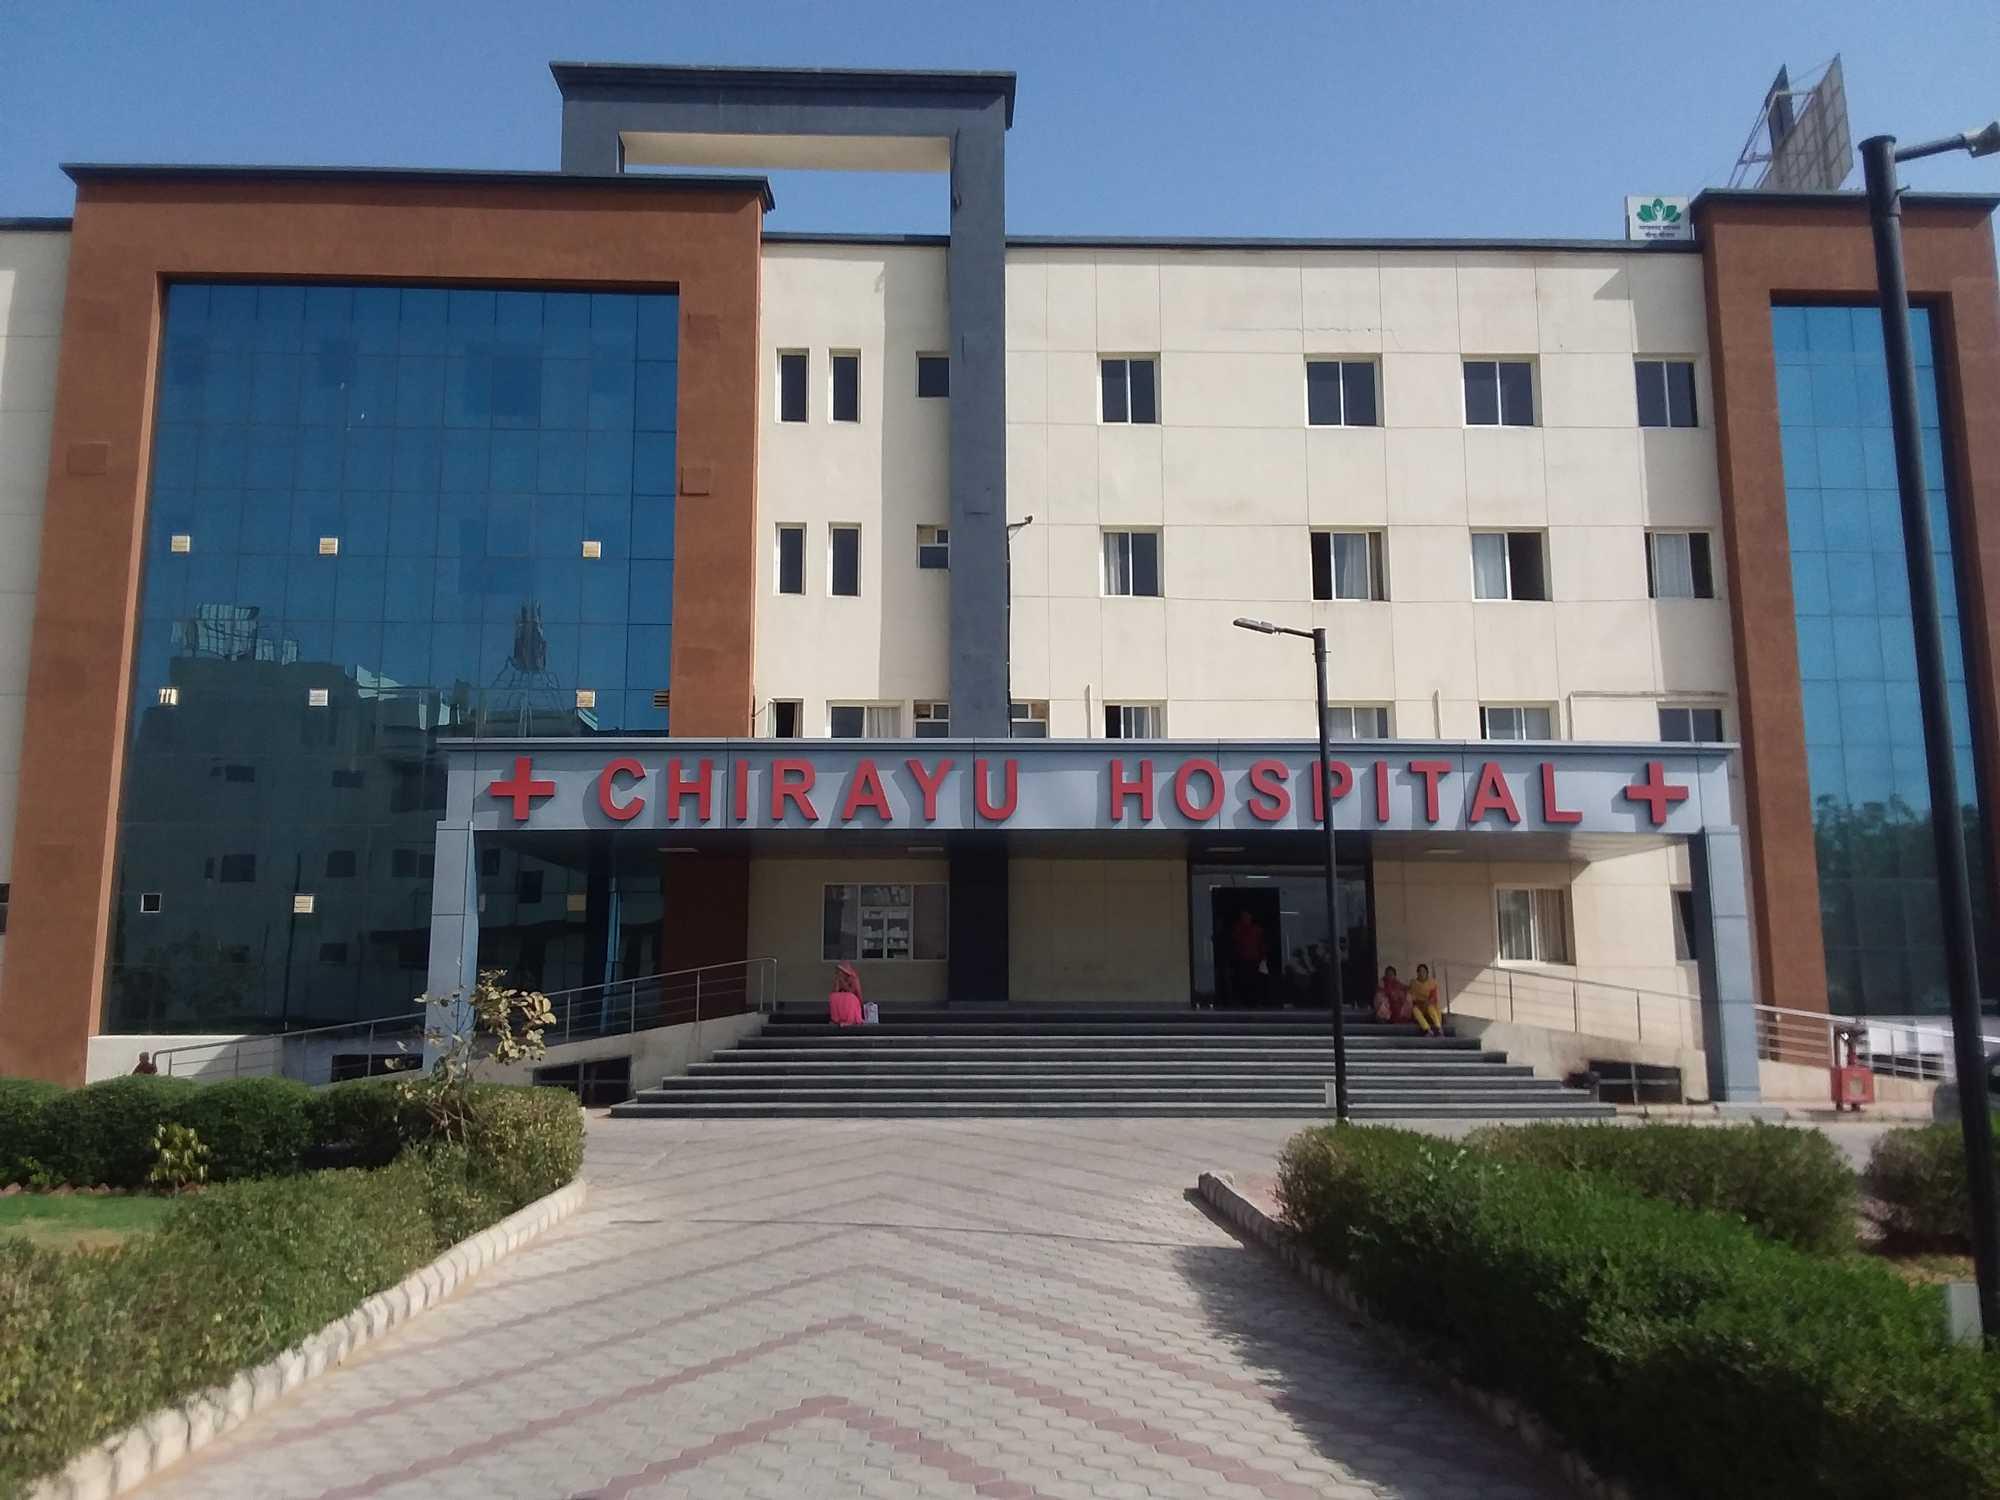 Chirayu Hospital